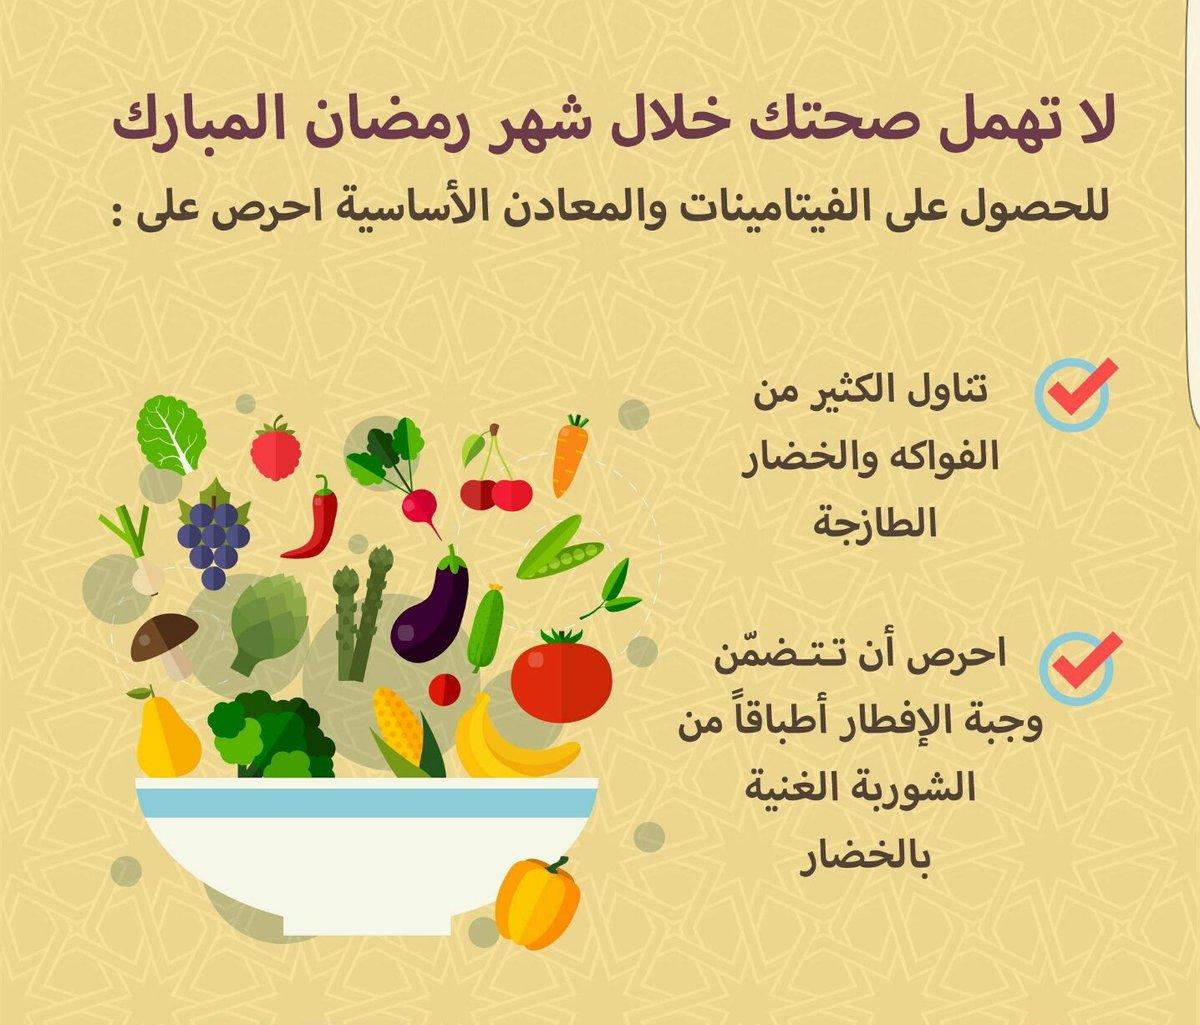 بالصور نصائح رمضانية , اهم النصائح في رمضان 2826 9